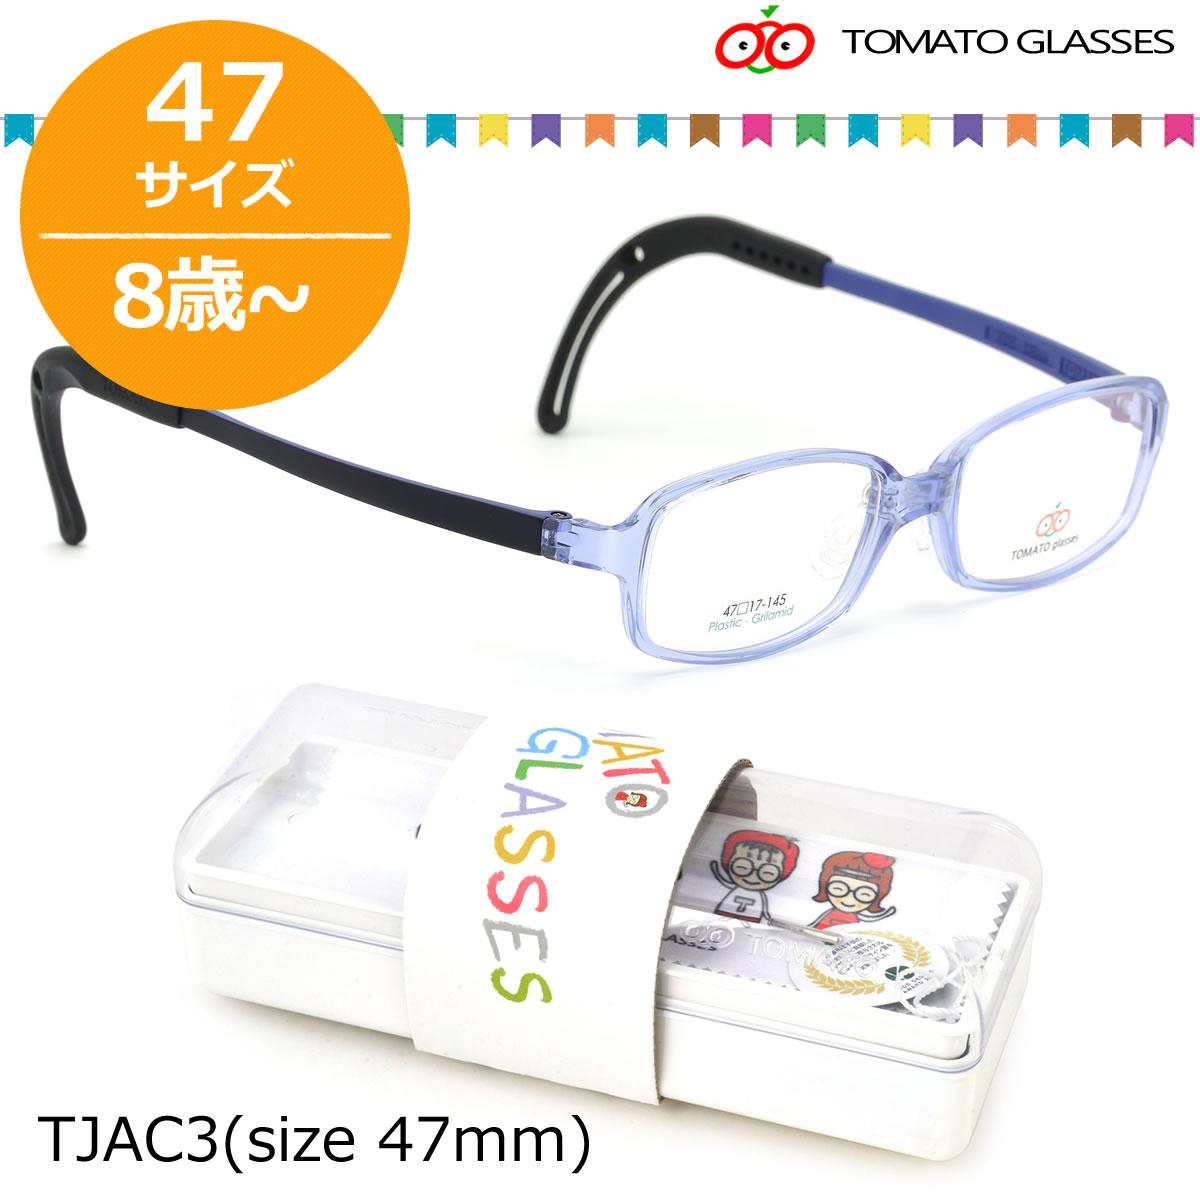 ほぼ全品ポイント15倍~最大43倍+3倍!お得なクーポンも! 【TOMATO GLASSES】(トマトグラッシーズ) キッズ用メガネ 度数付きレンズセット メガネ フレーム TJAC 3 47サイズ オシャレ おしゃれ おすすめ 可愛い 安全 安心 ジュニアA 軽量 柔らかい